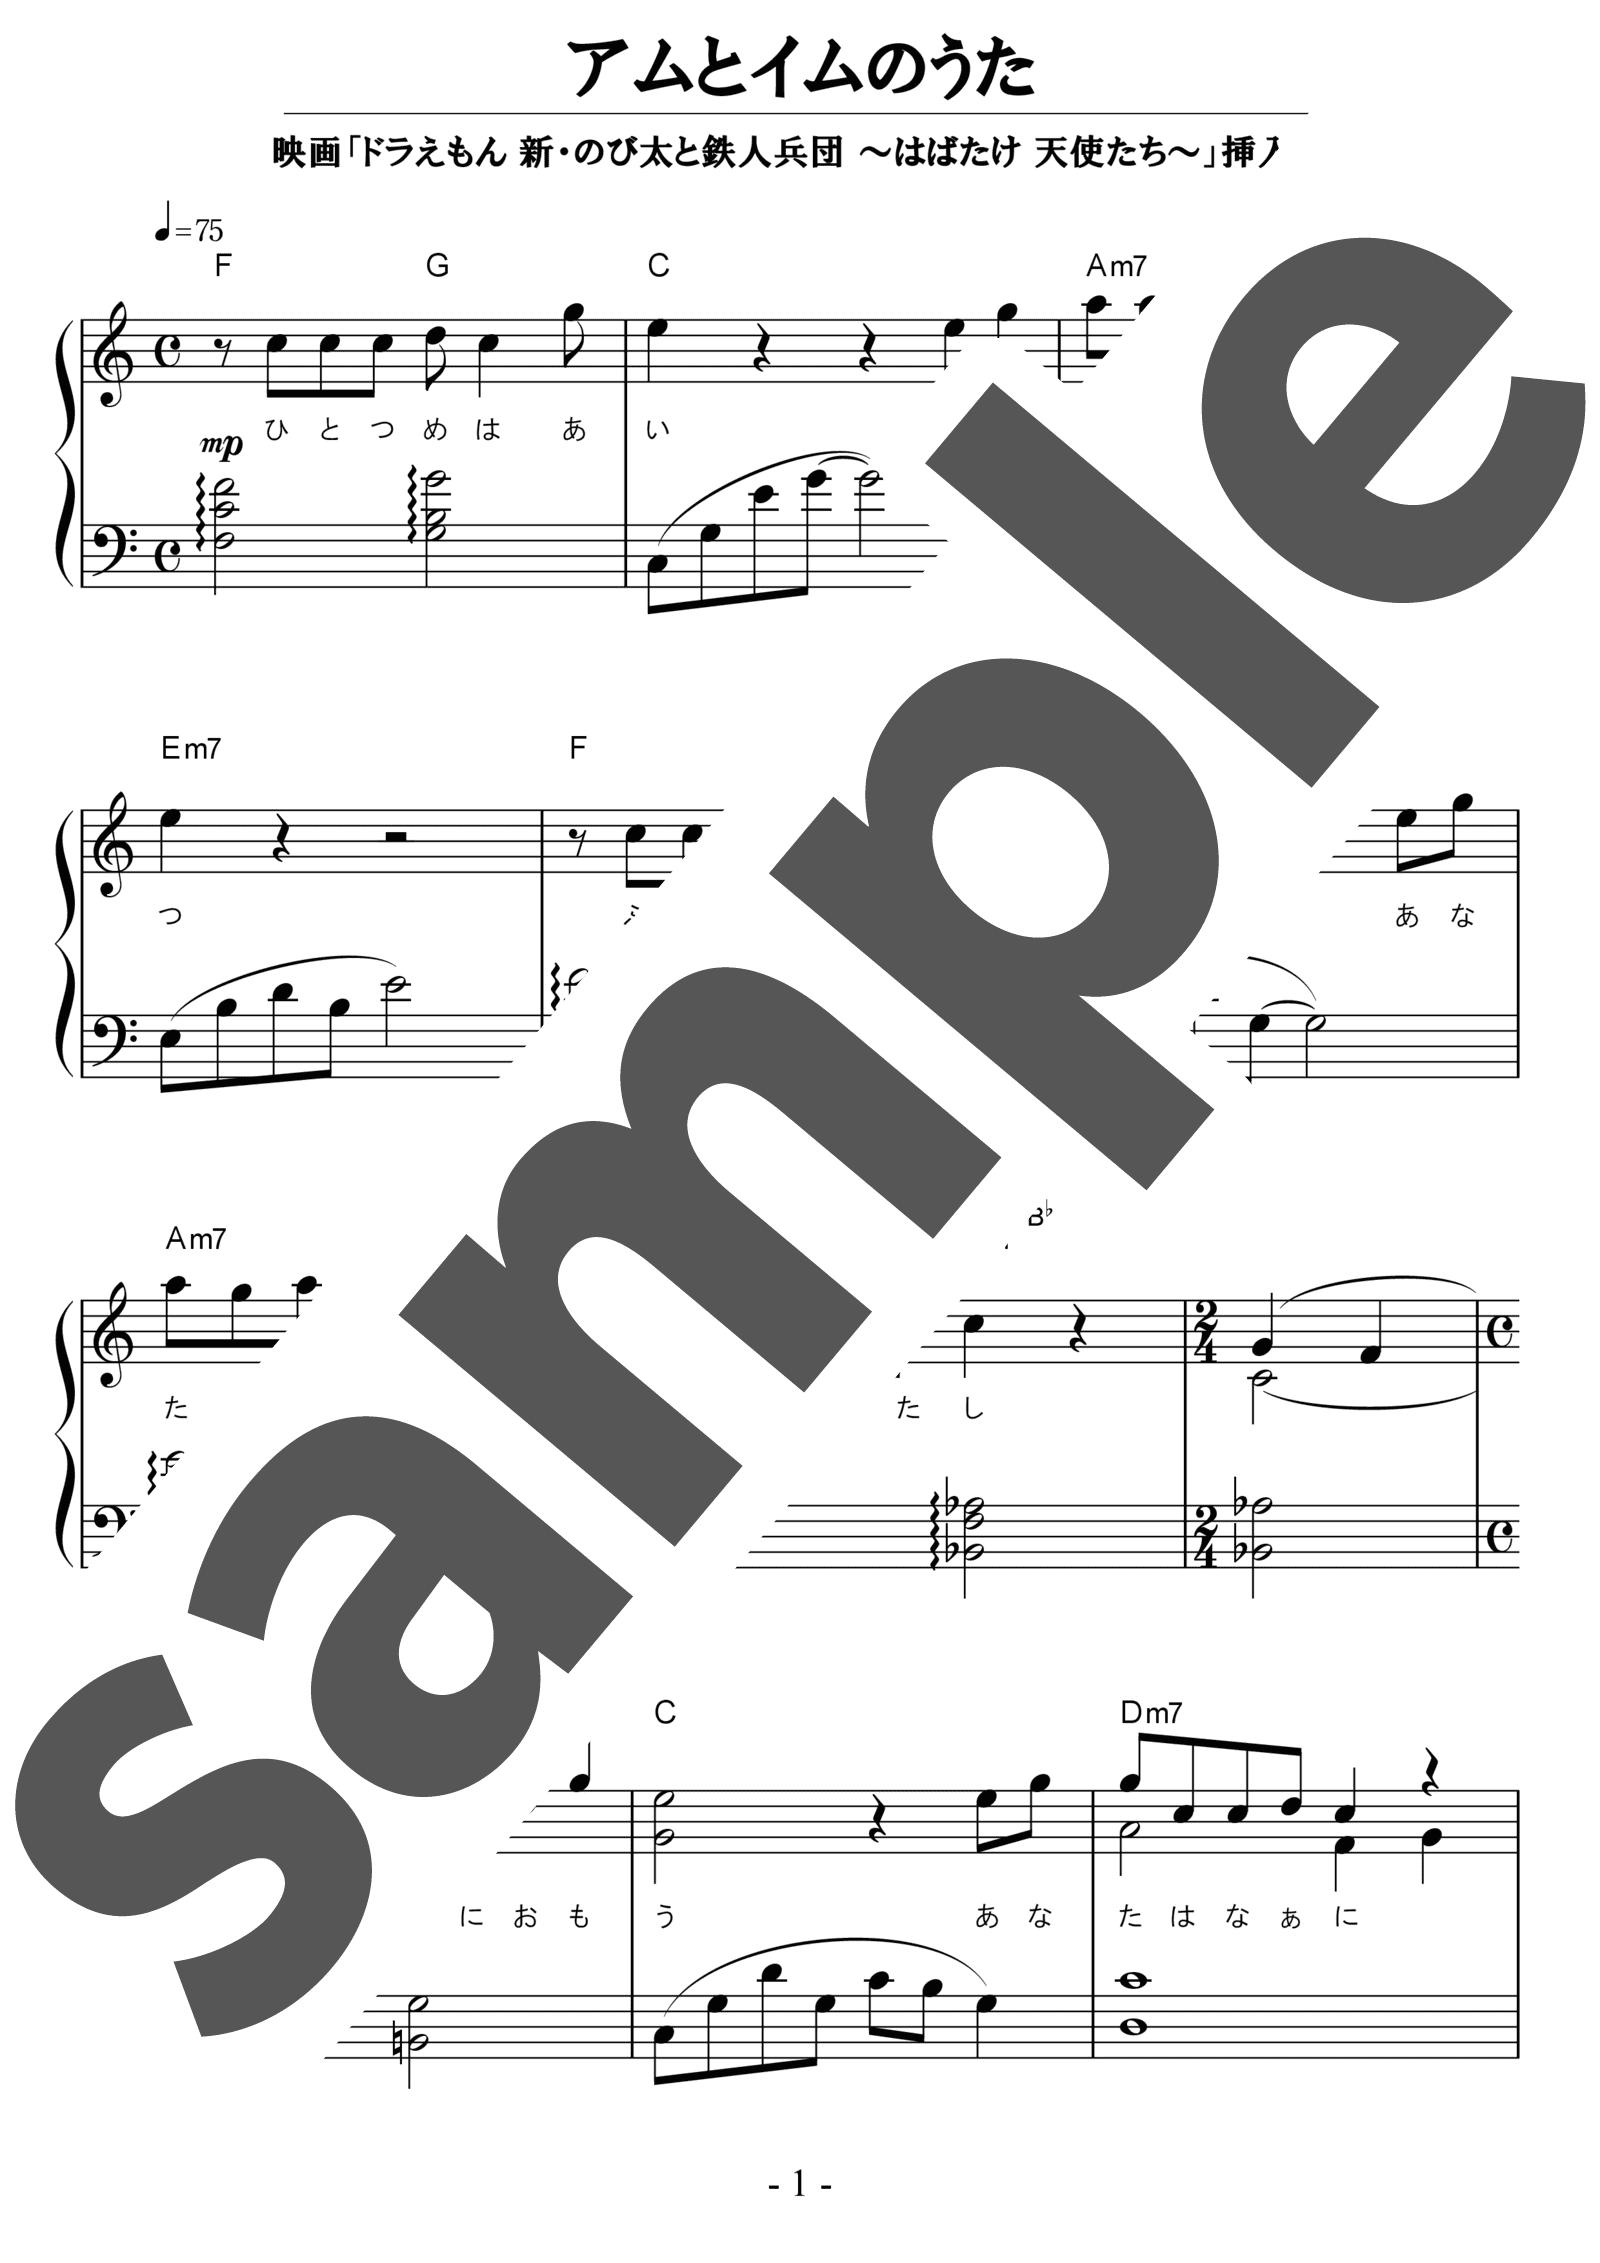 「アムとイムのうた」のサンプル楽譜